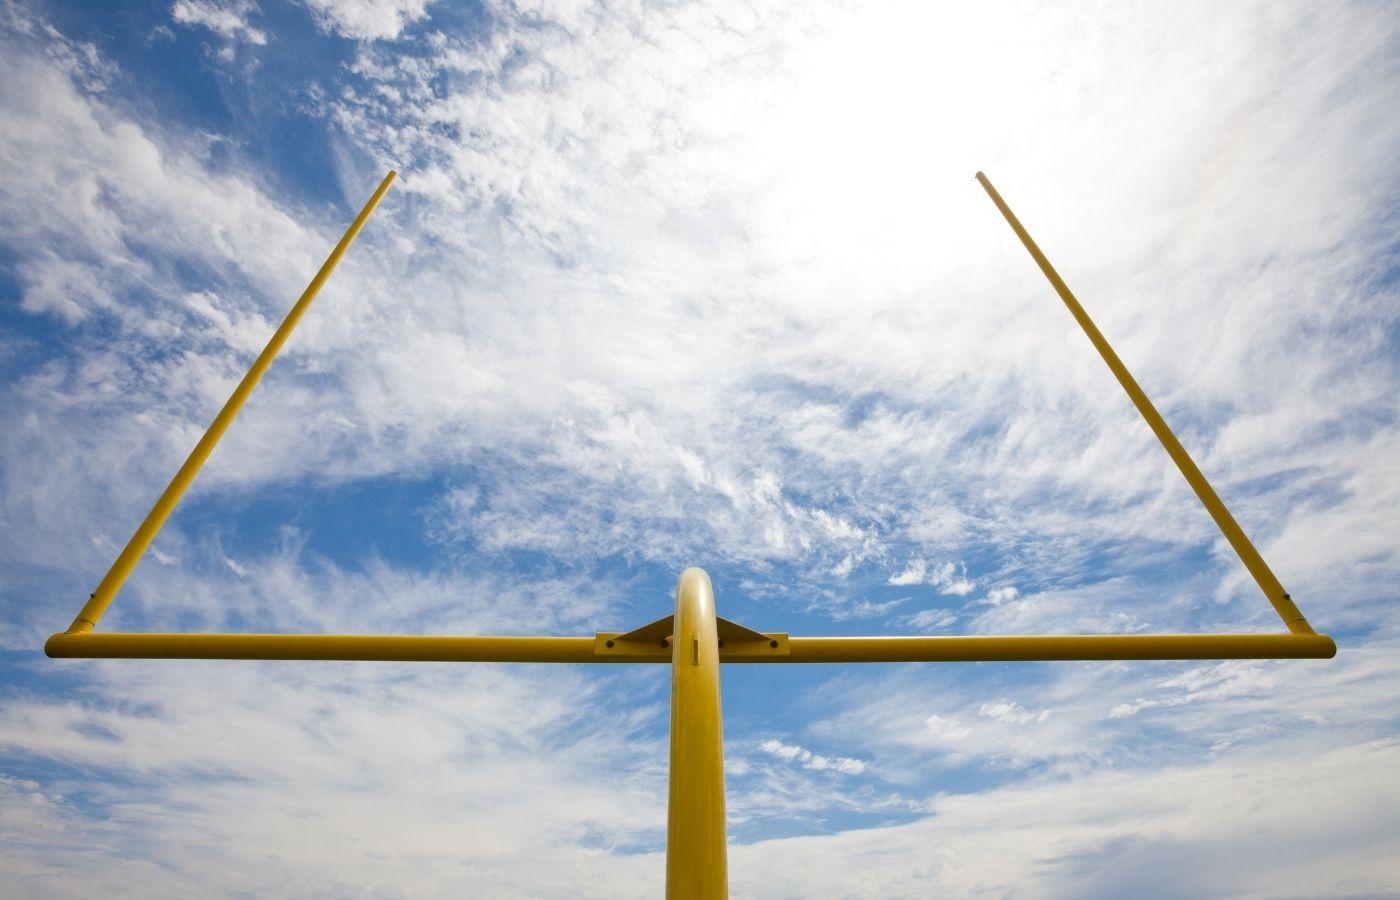 V hledišti | Na FedEx Field Washington Redskins | Sportbiz